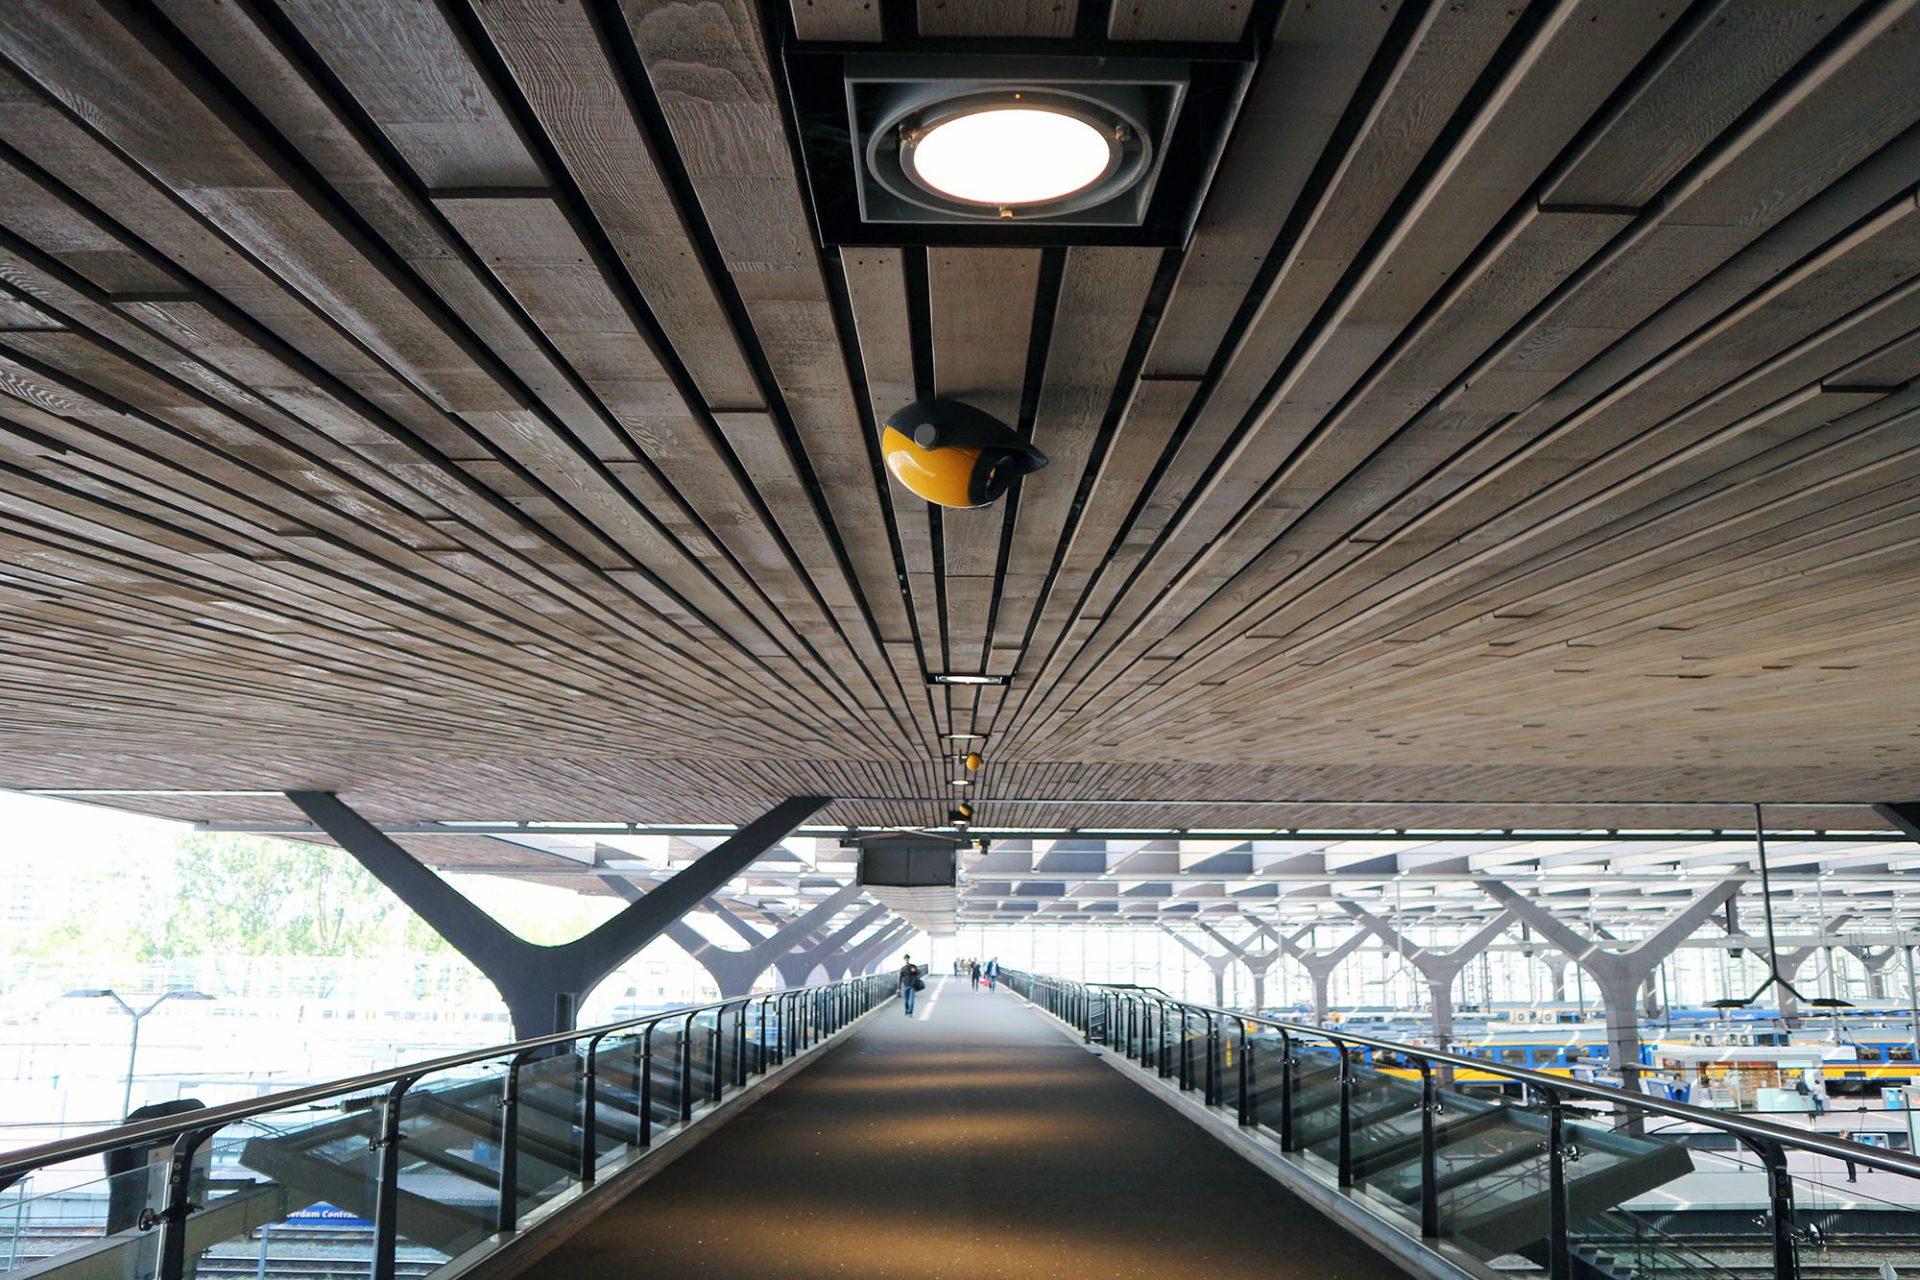 Centraal Station. Gedreht gespiegelte Y-Stützen tragen das luftige Bahnhofshallendach über den Gleisen. Am gespreizten Sockel führen Treppen ins Erdgeschoss.